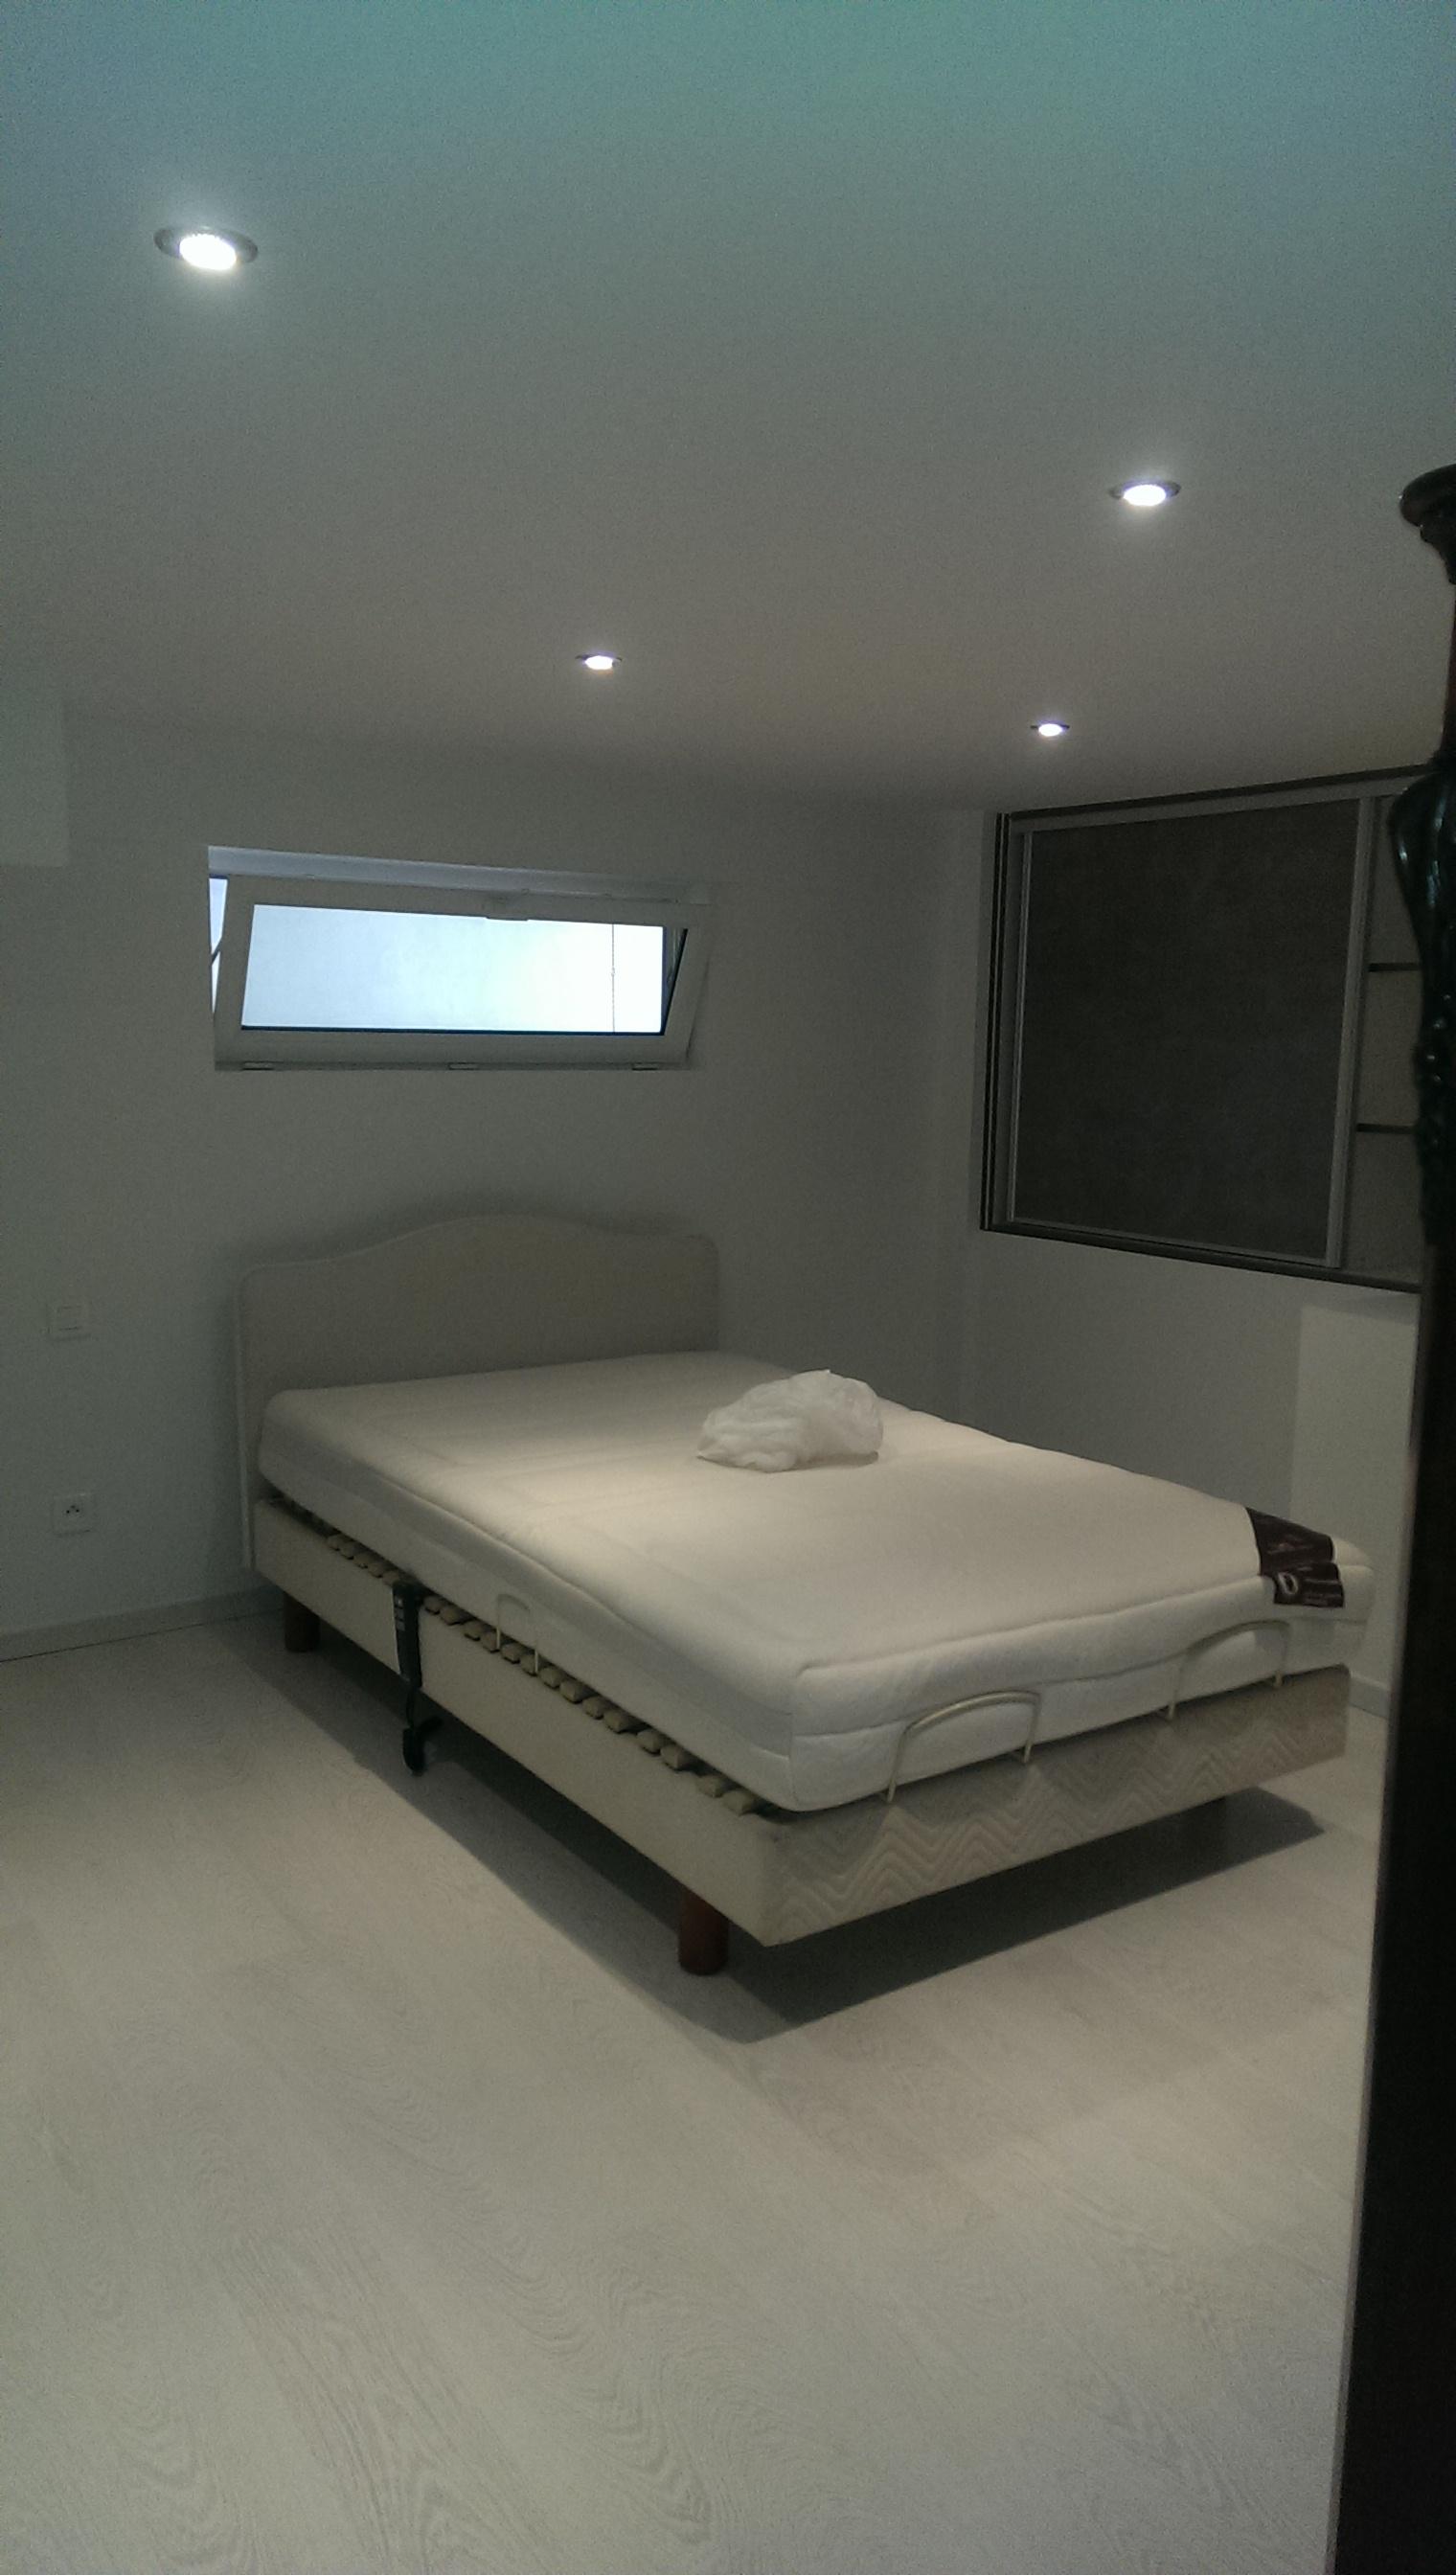 aménager un garage en chambre - fashion designs - Amenager Une Chambre Dans Un Garage